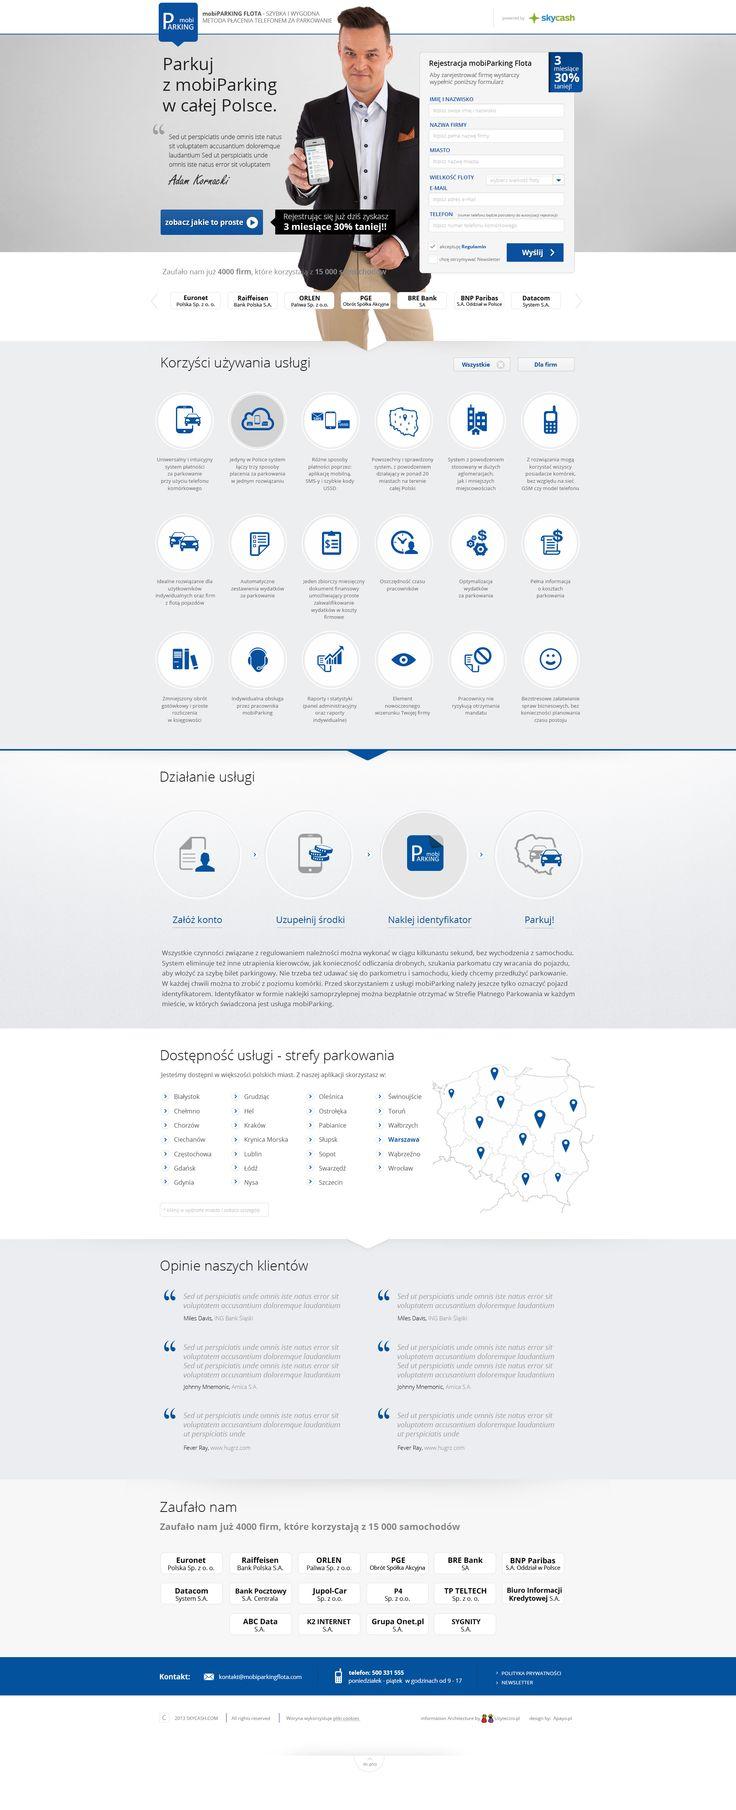 Webdesign layout by Przemyslaw Gawlas / Apayo.pl (c) 2014